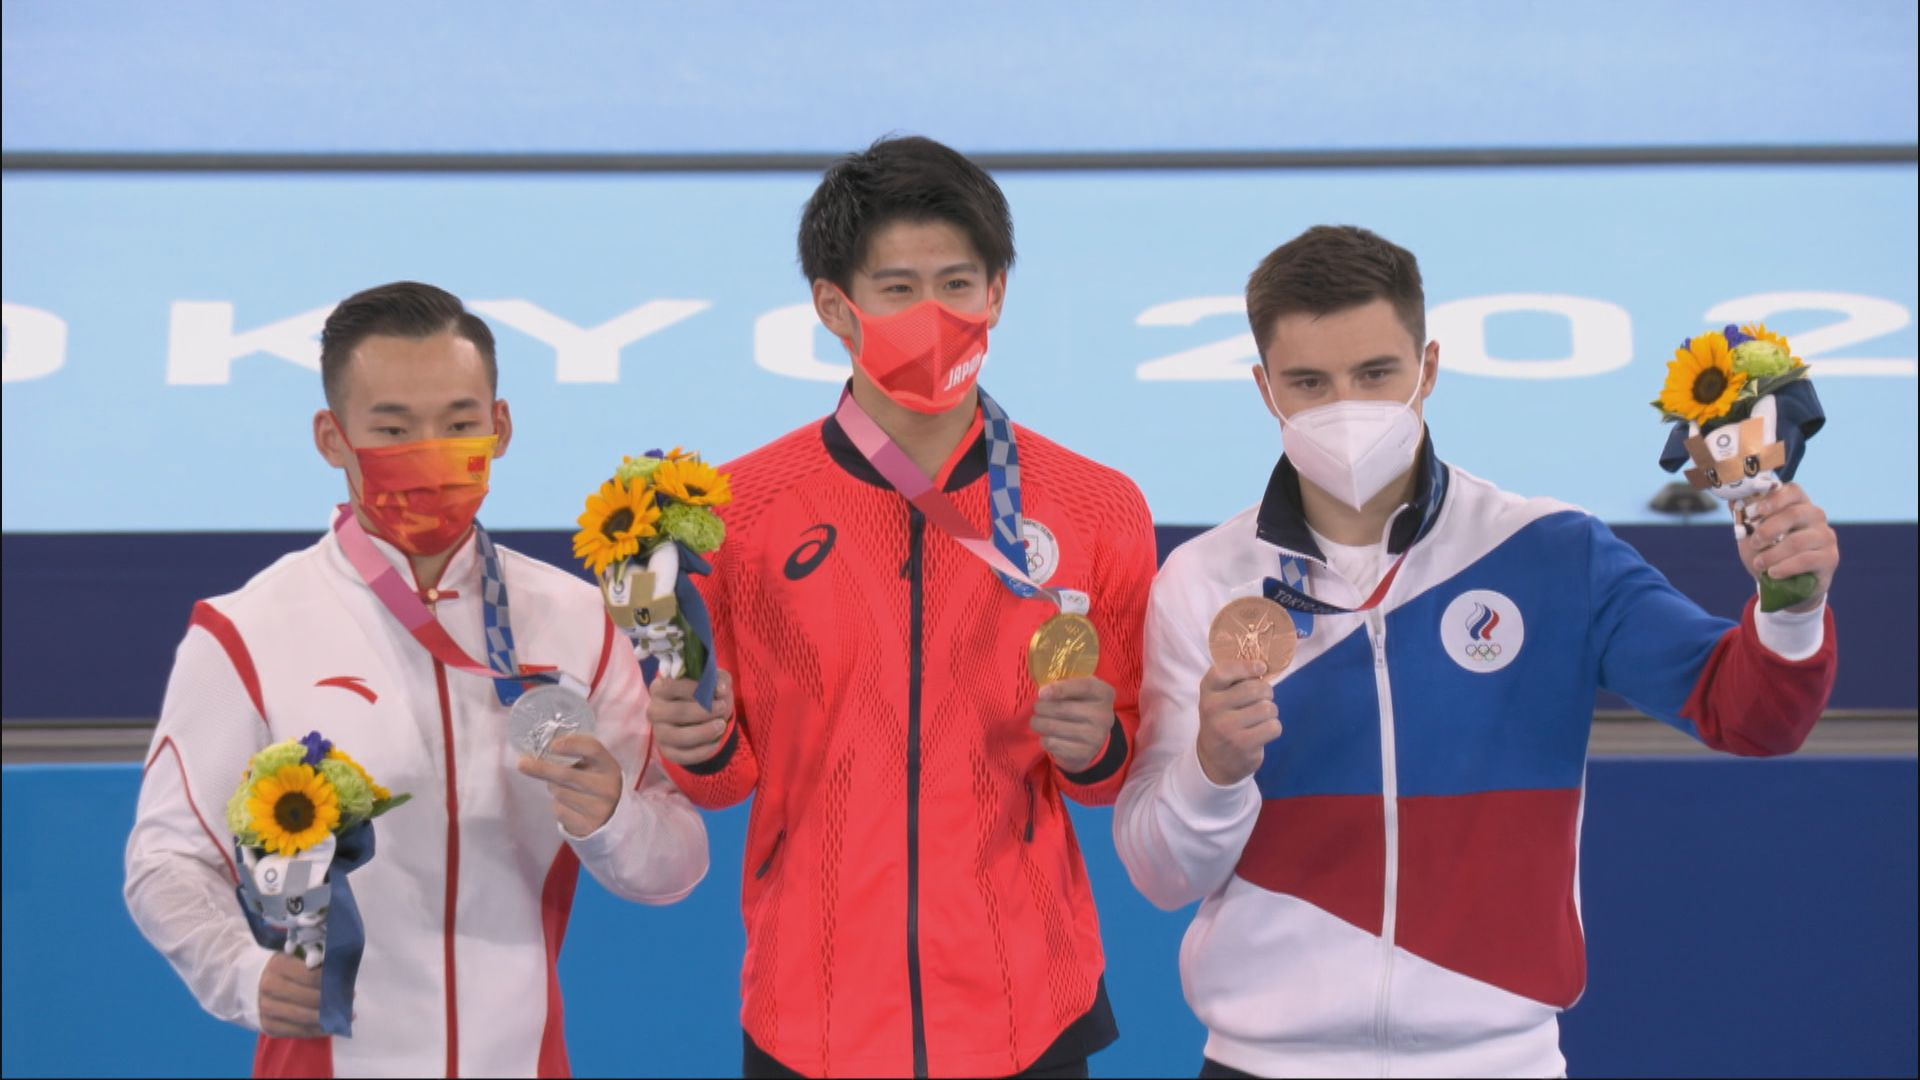 體操男子全能 日本奪金中國得銀